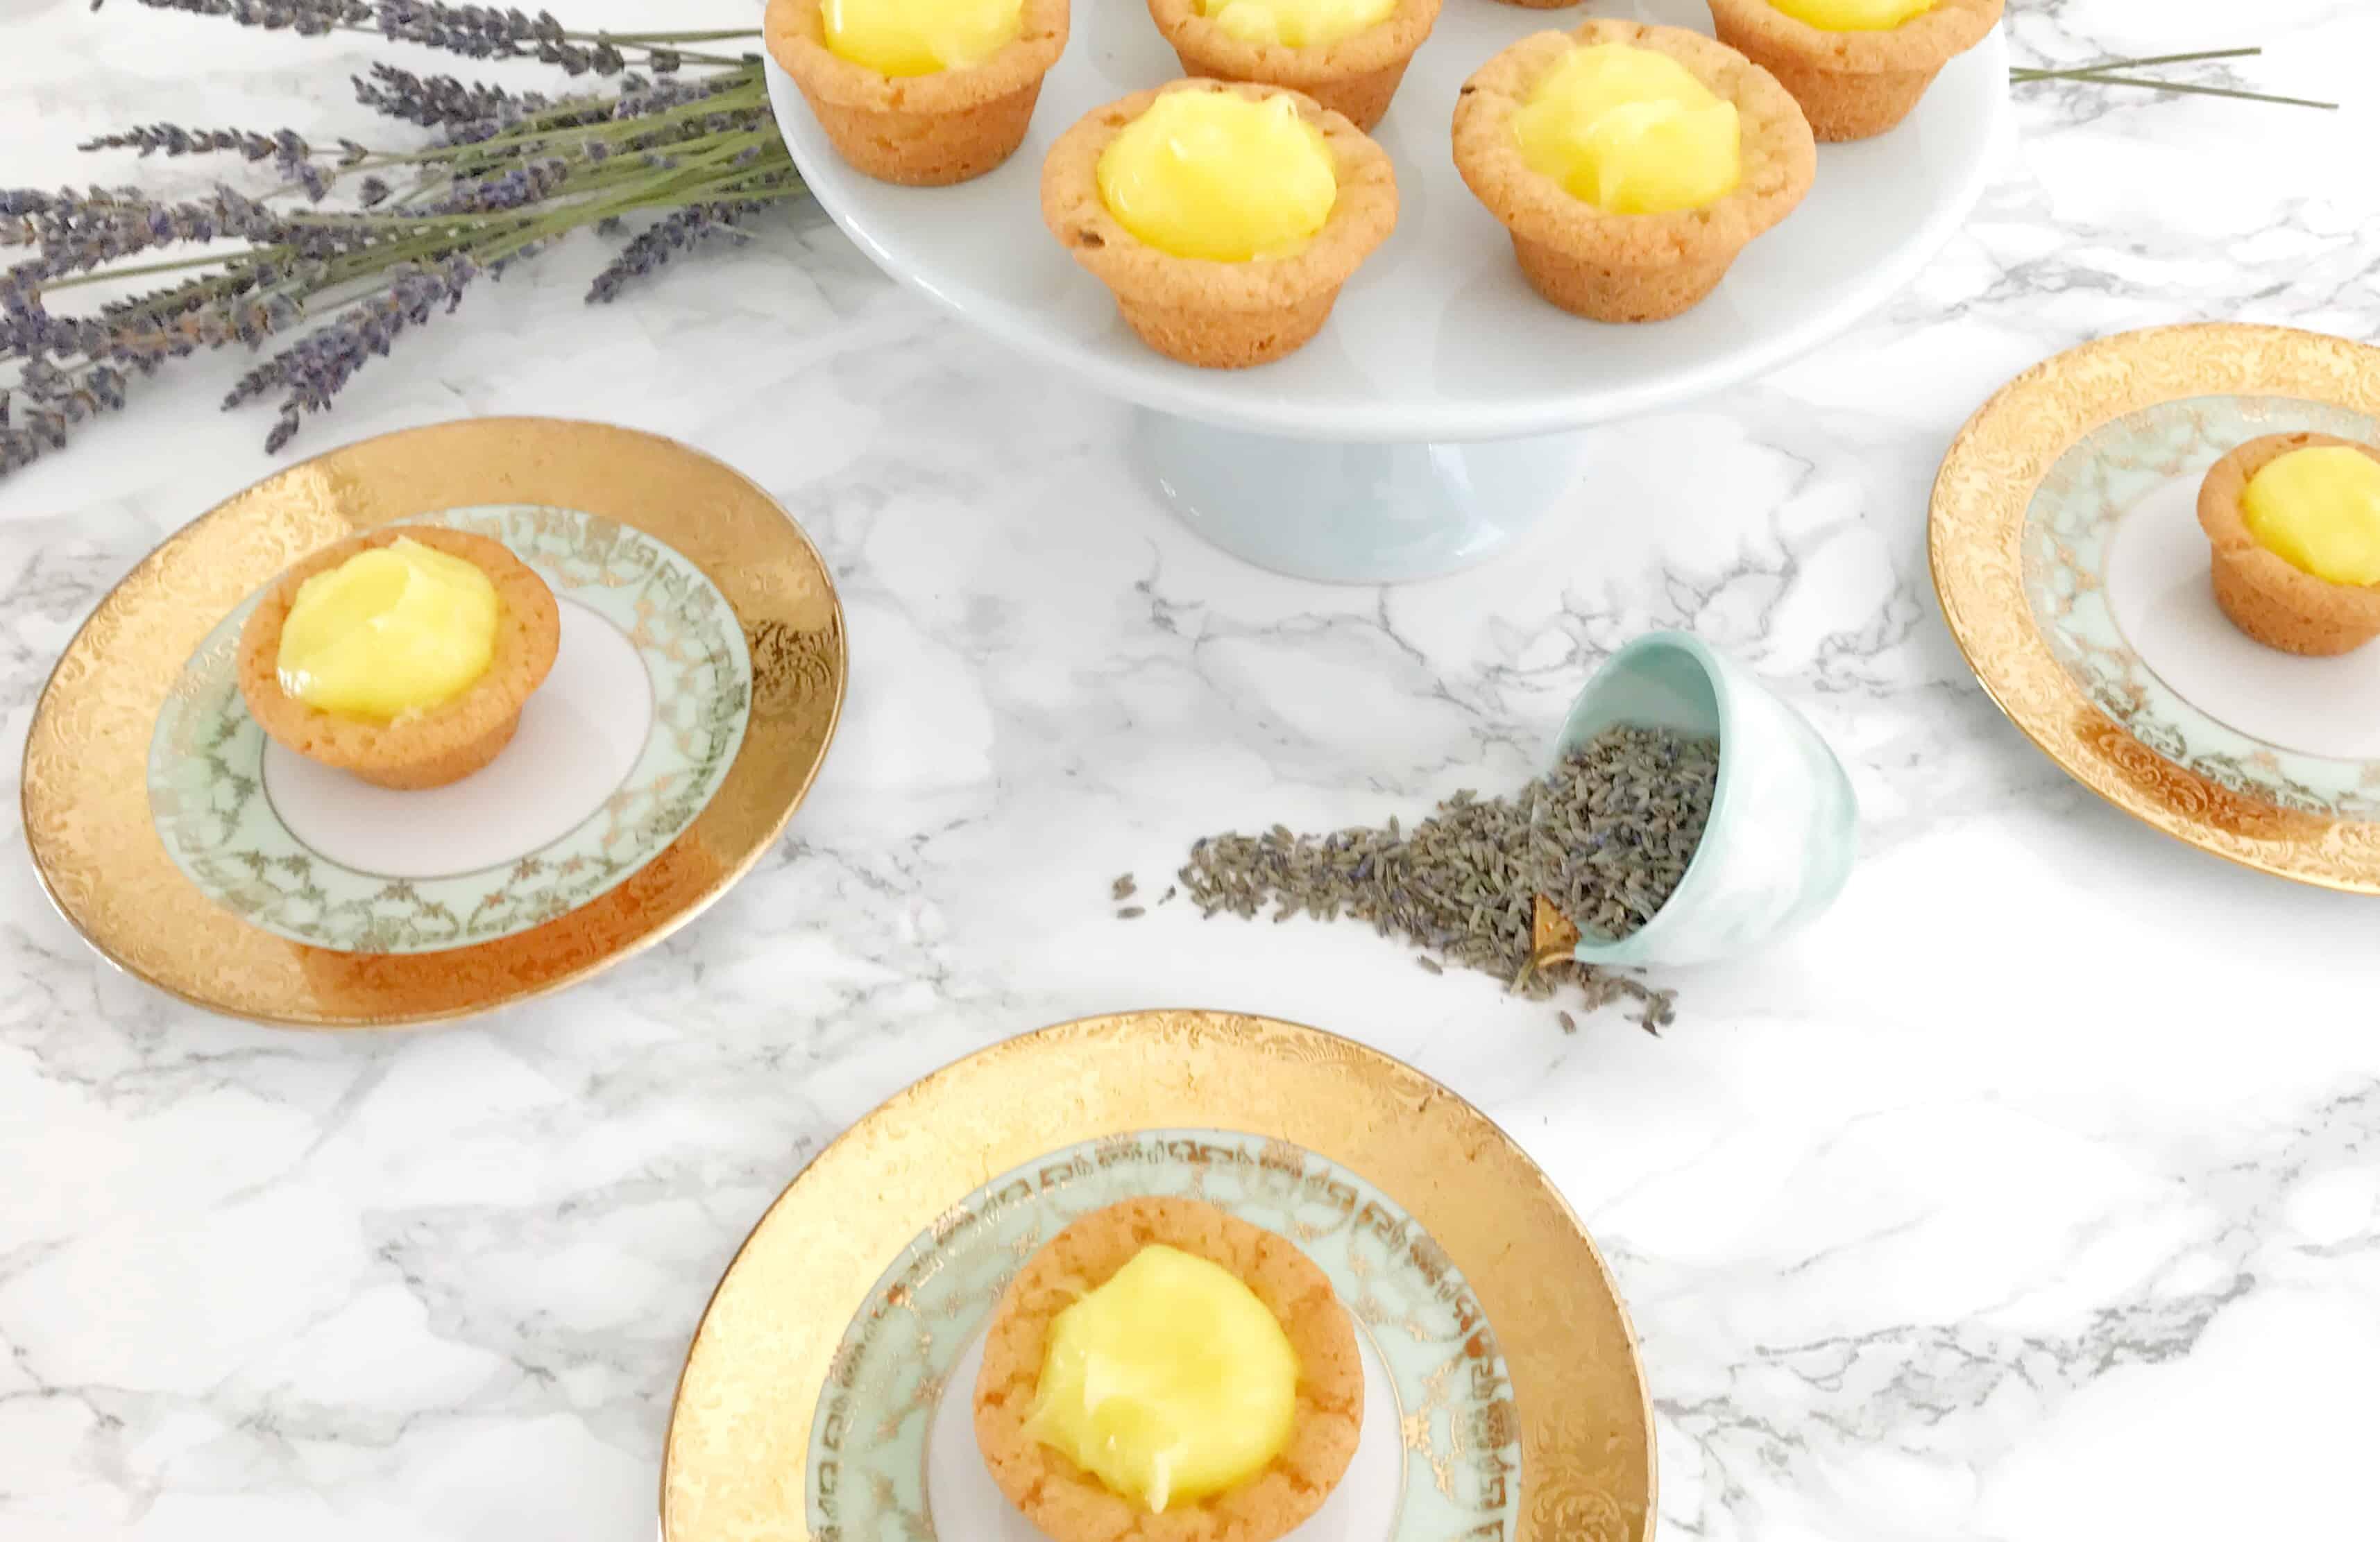 miniature lavender and lemon tarts on plates